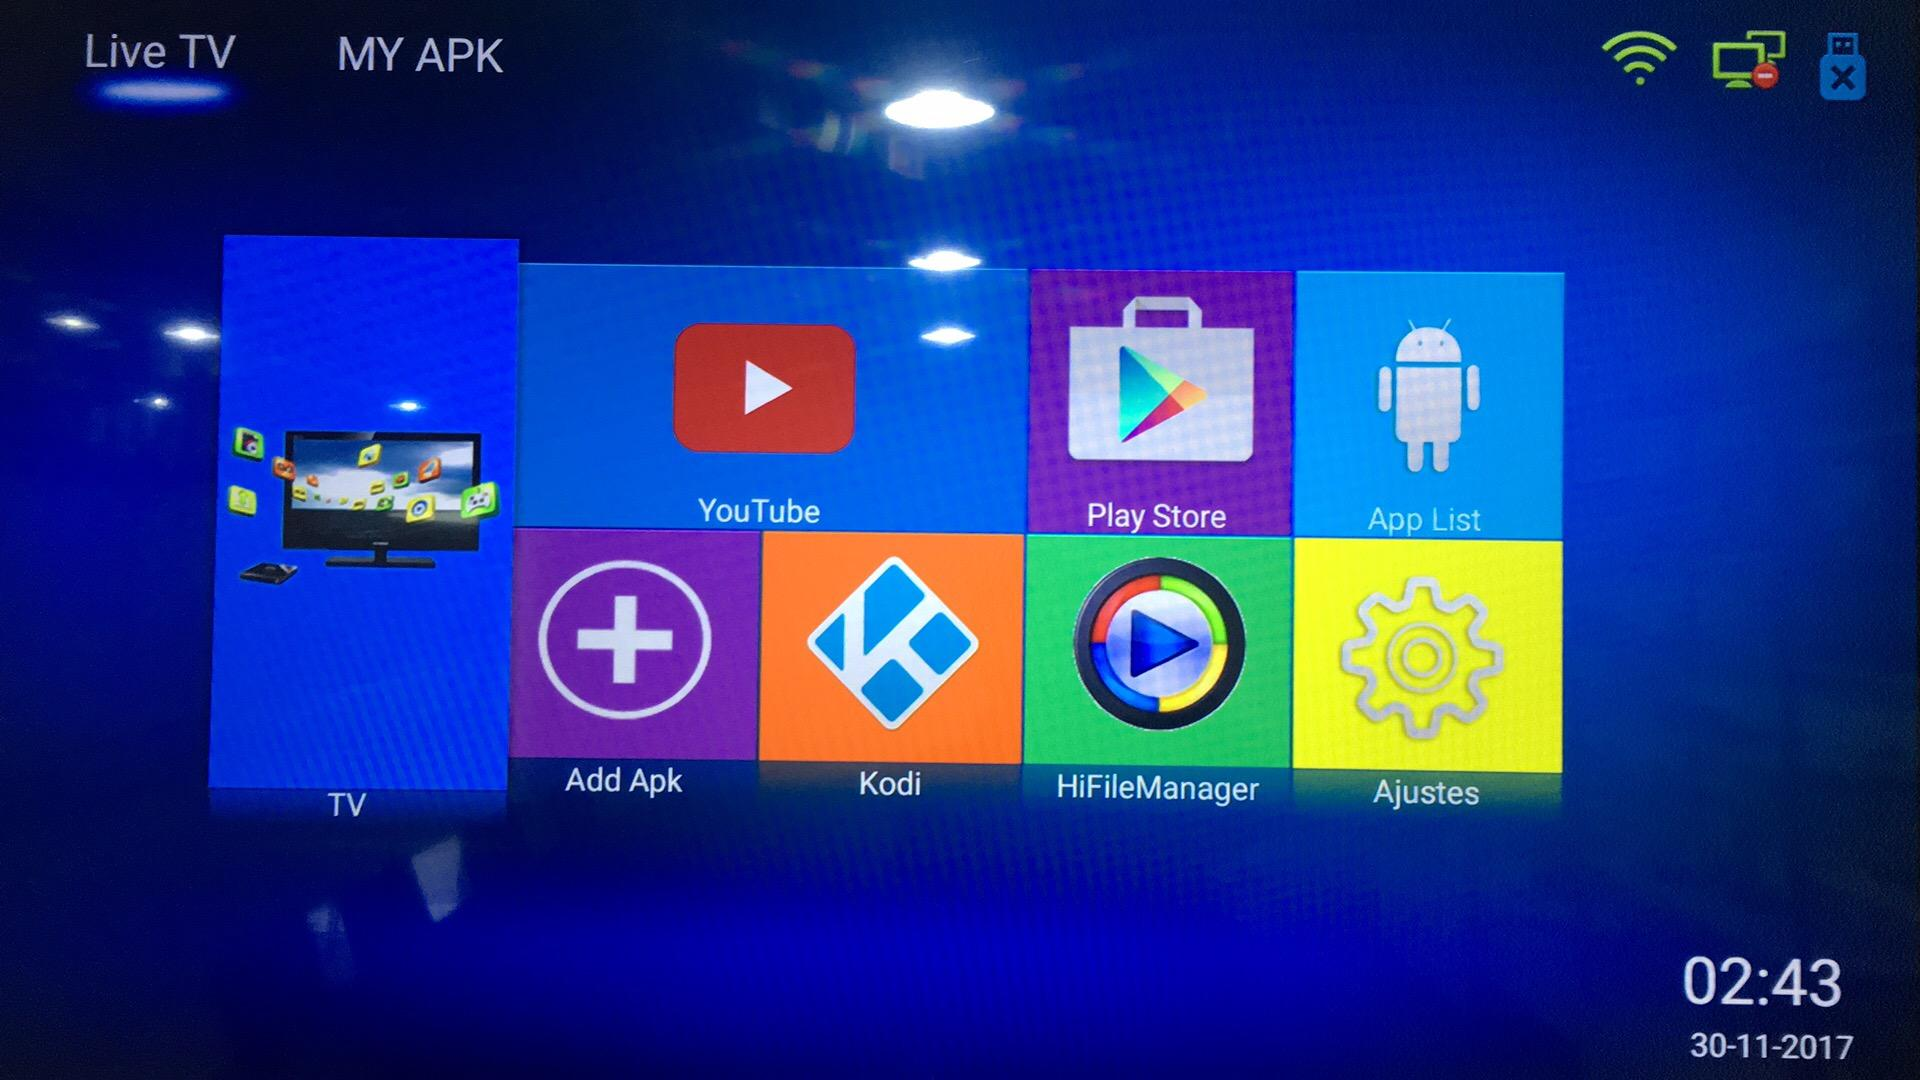 厂家直销安卓超高清巴西IPTV V8 PLUS DVB-S2接收机带半年服务 7